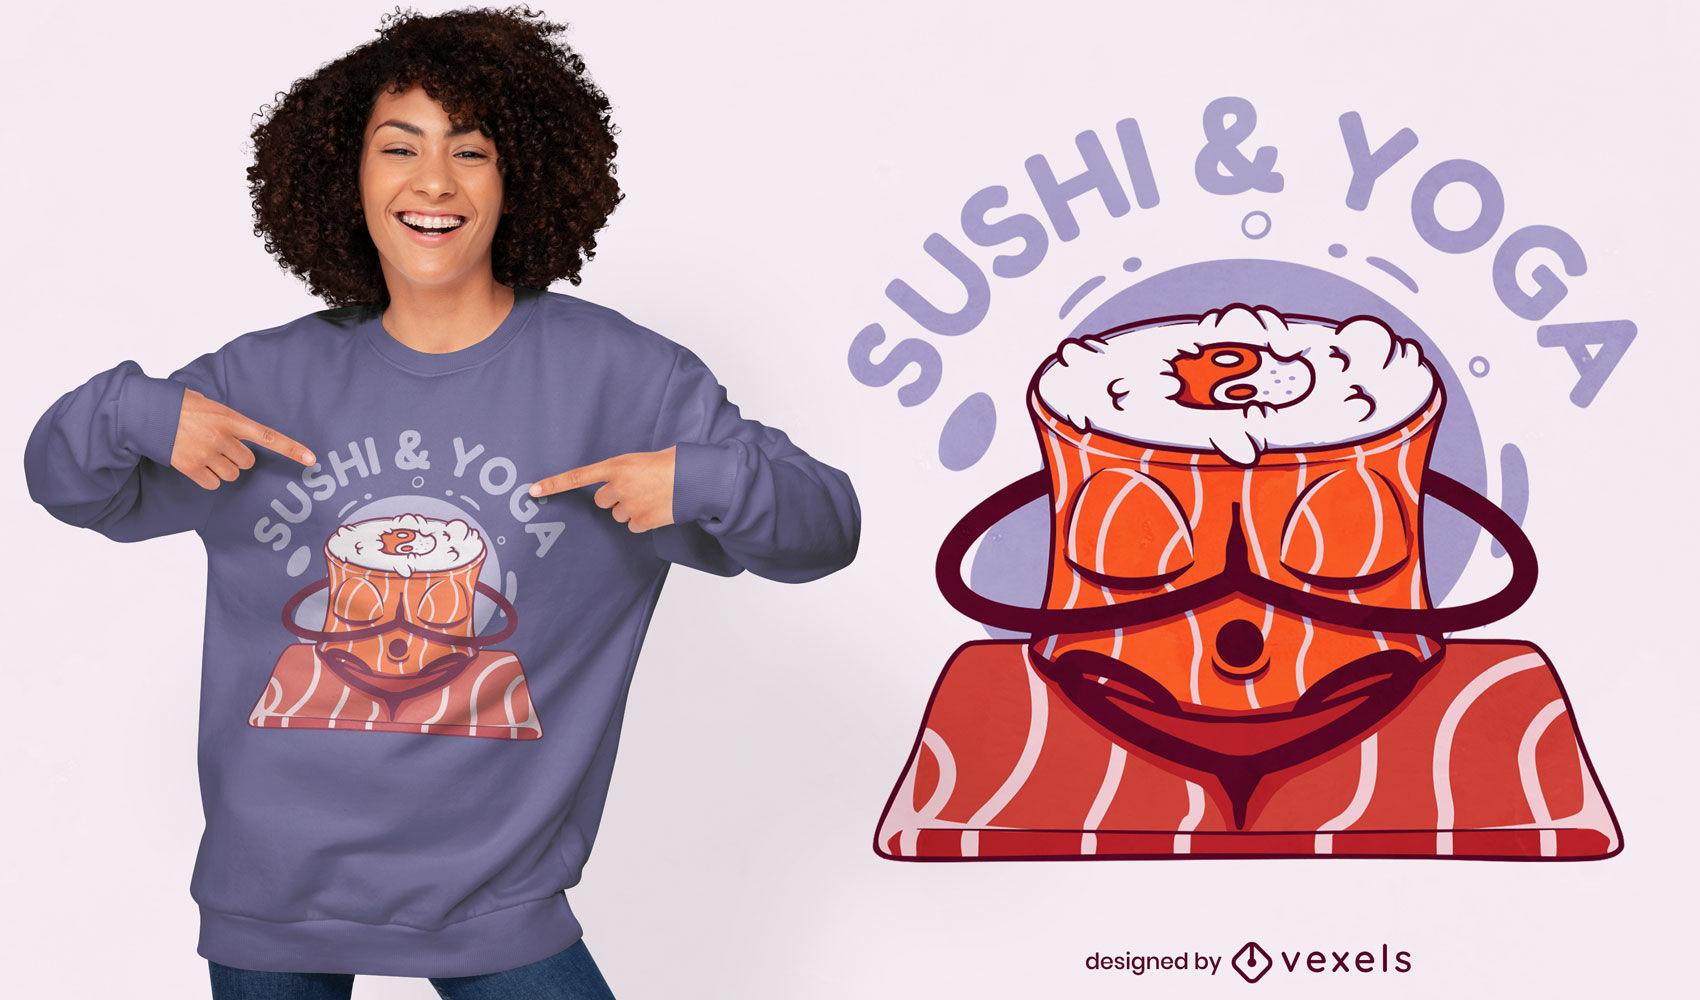 Dise?o de camiseta de sushi y yoga.